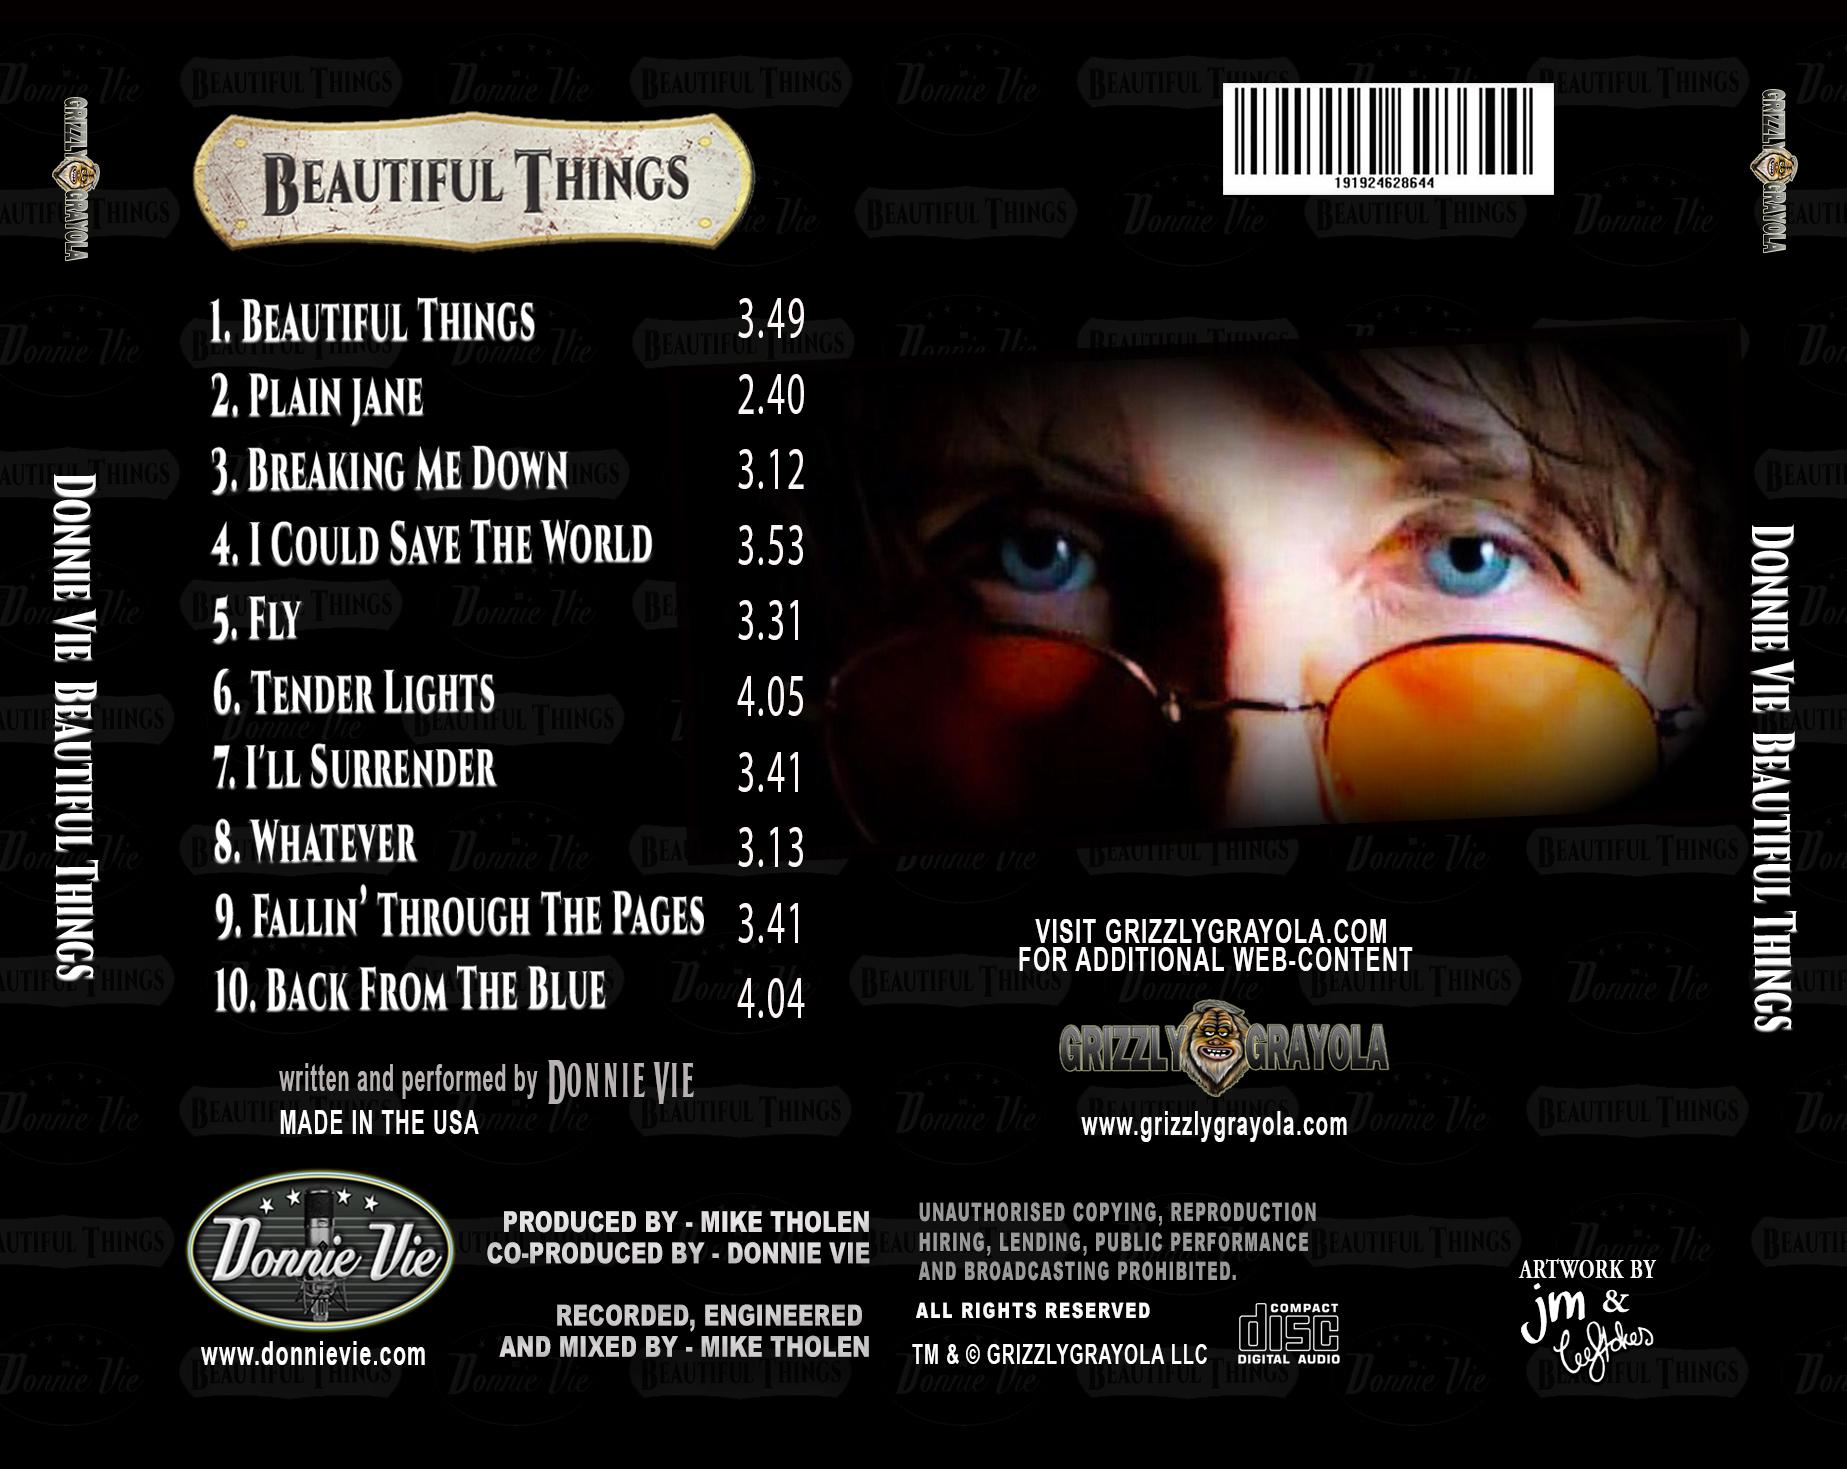 back cover - USA jpg.jpg